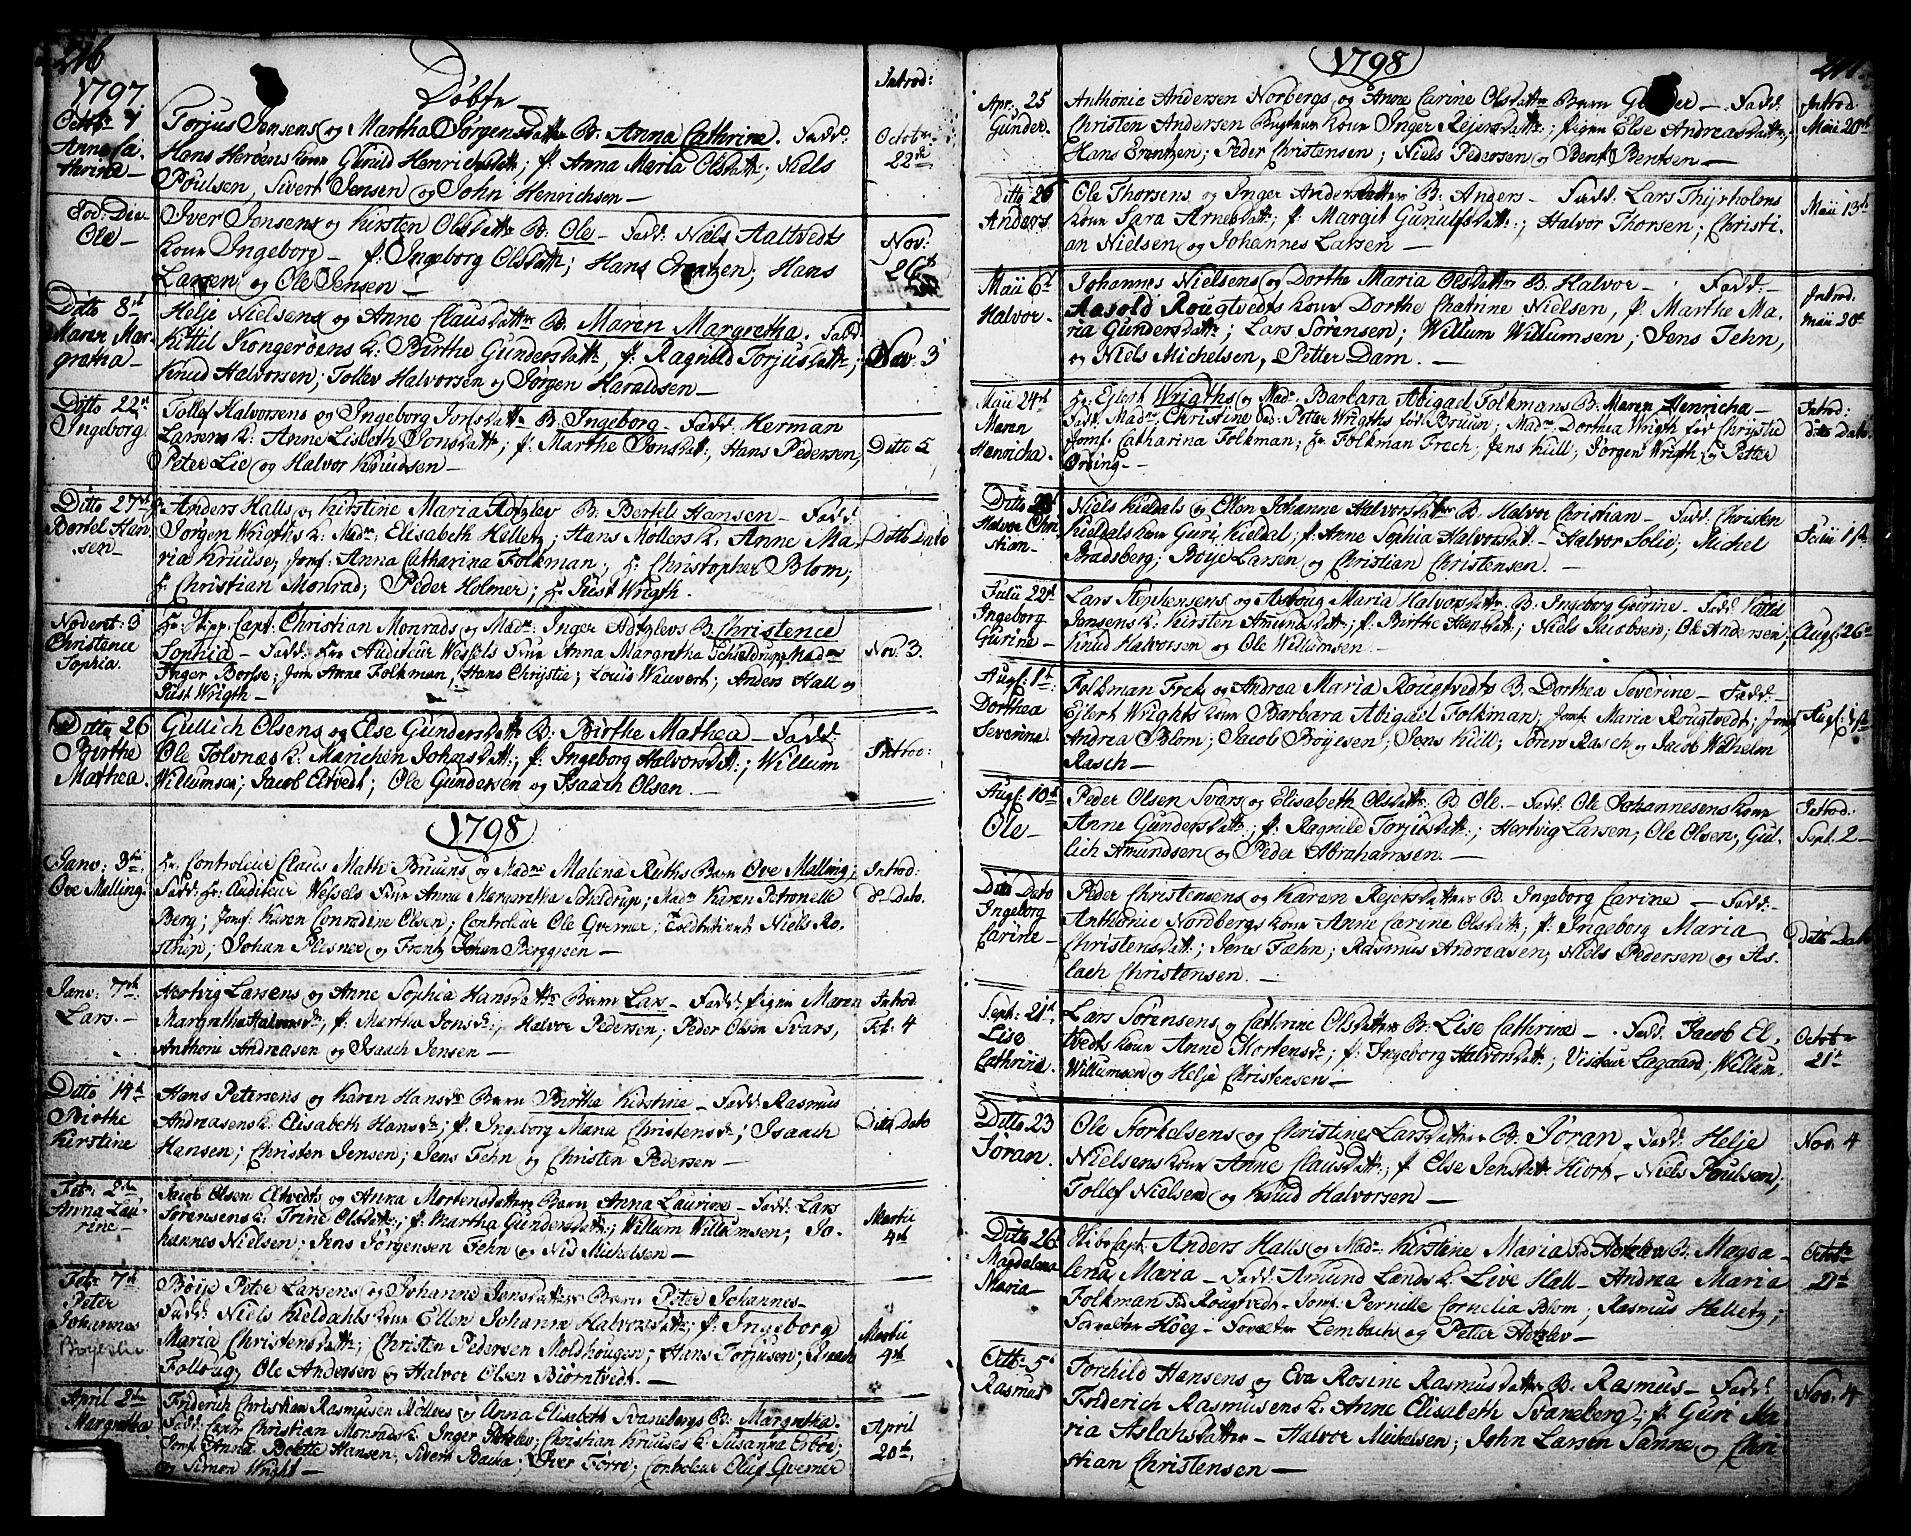 SAKO, Porsgrunn kirkebøker , F/Fa/L0001: Ministerialbok nr. 1, 1764-1814, s. 216-217